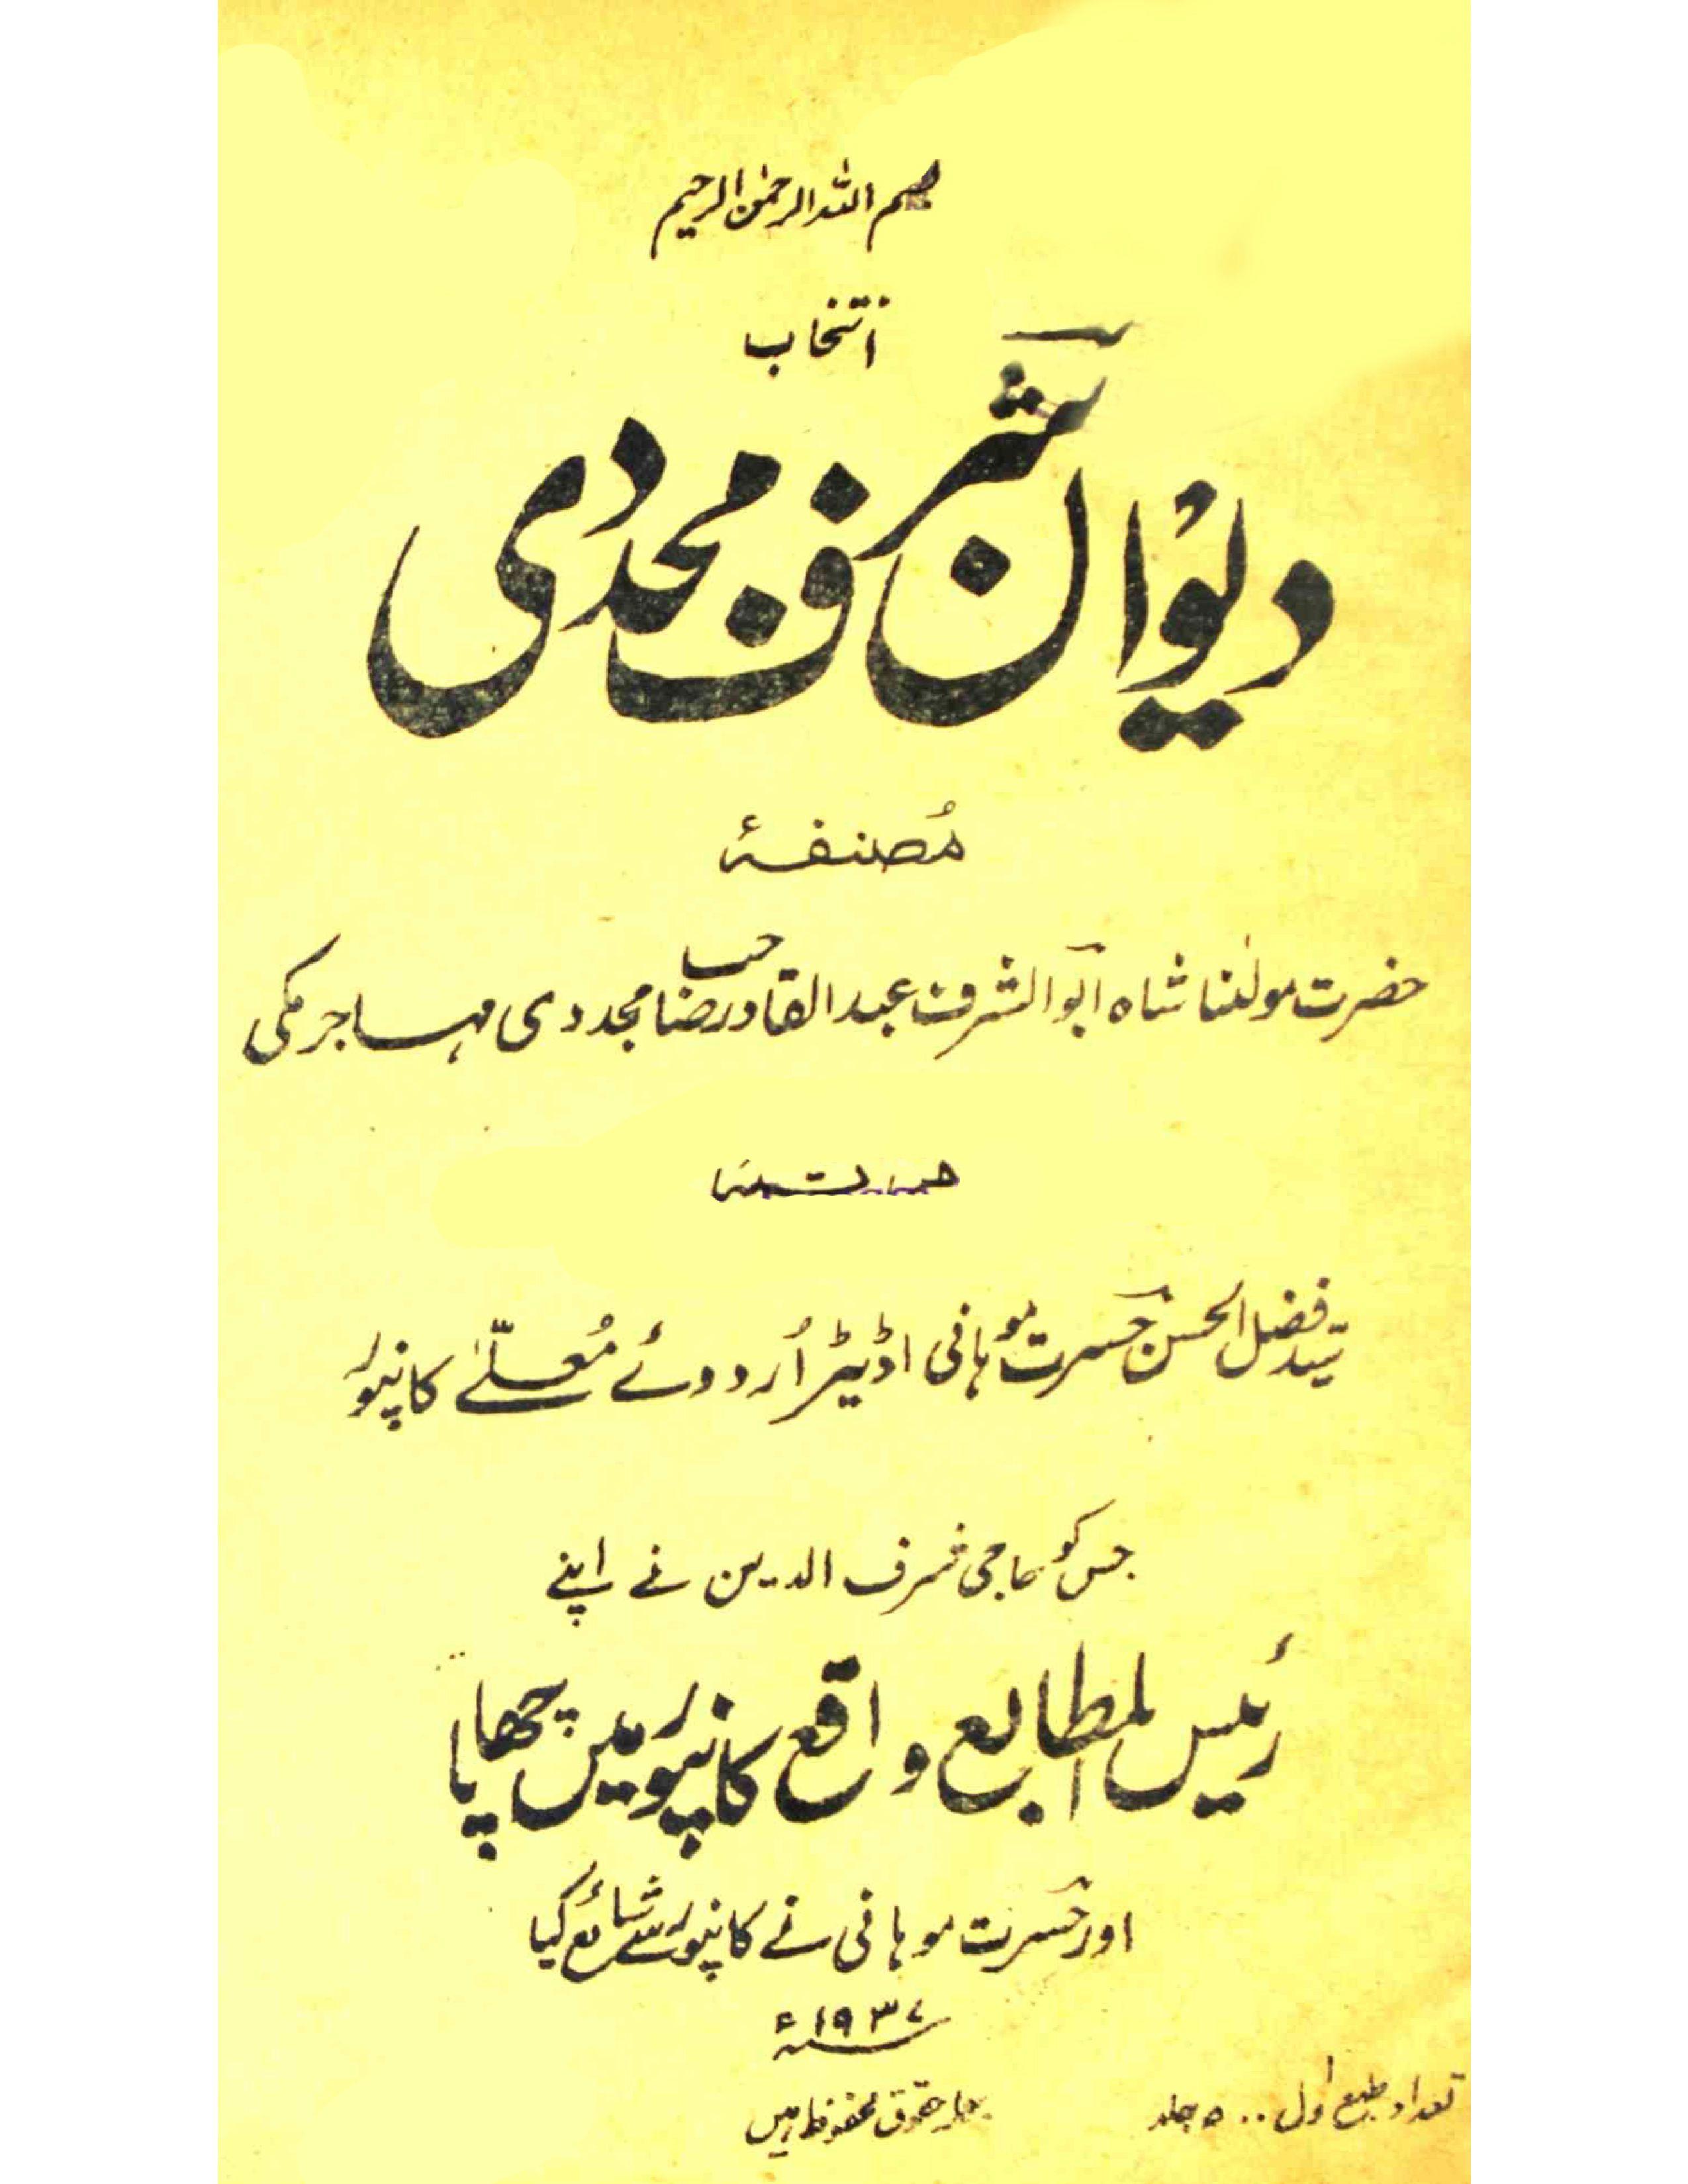 Deewan-e-Sharaf Mujaddidi